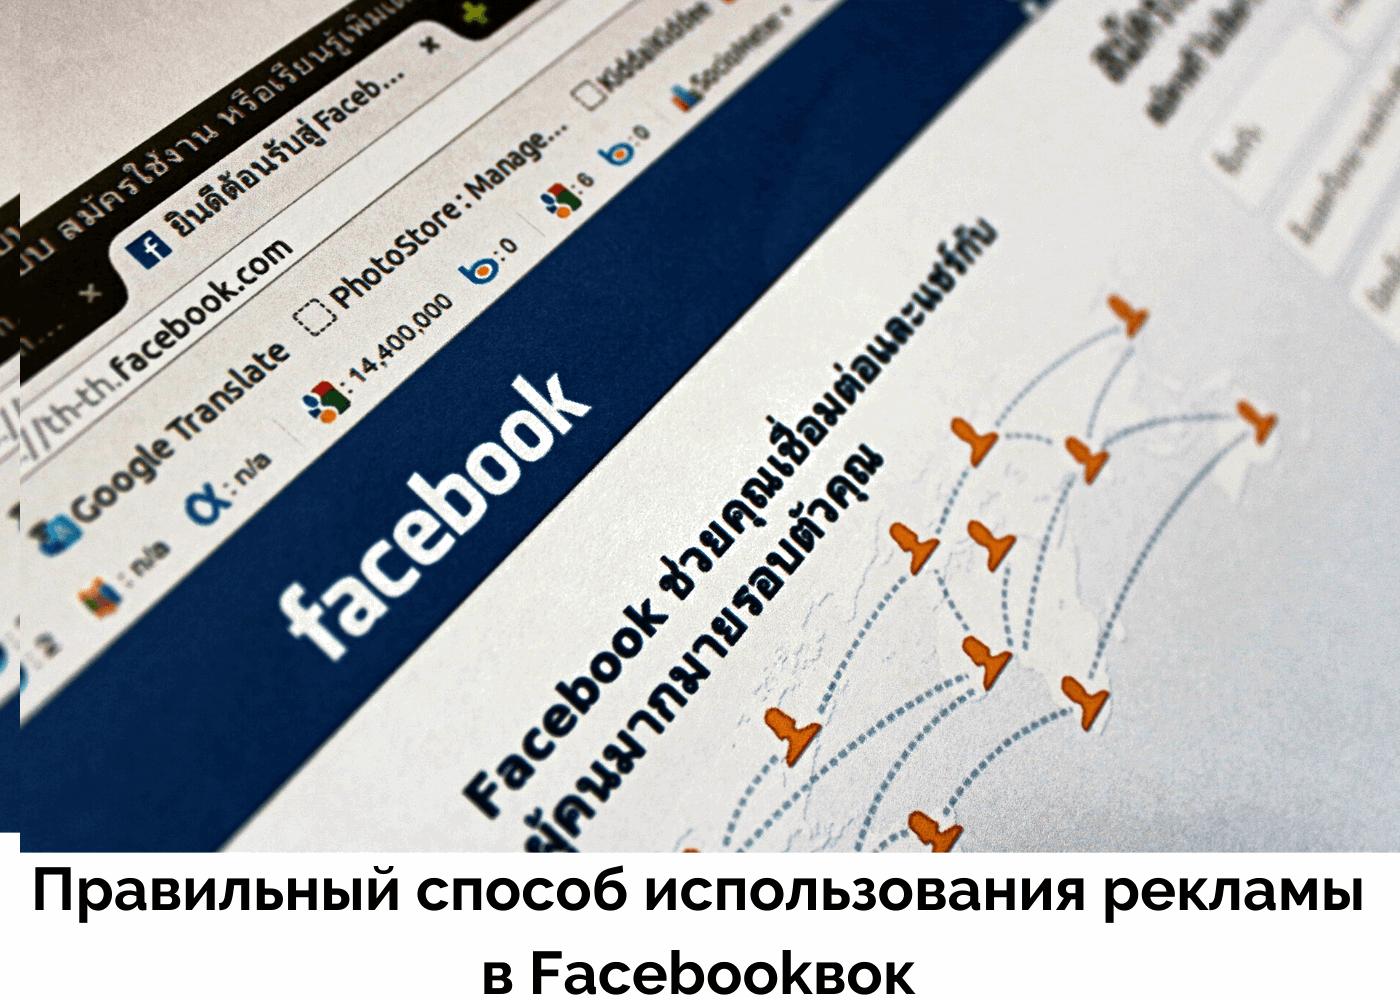 Использование рекламы на Facebook